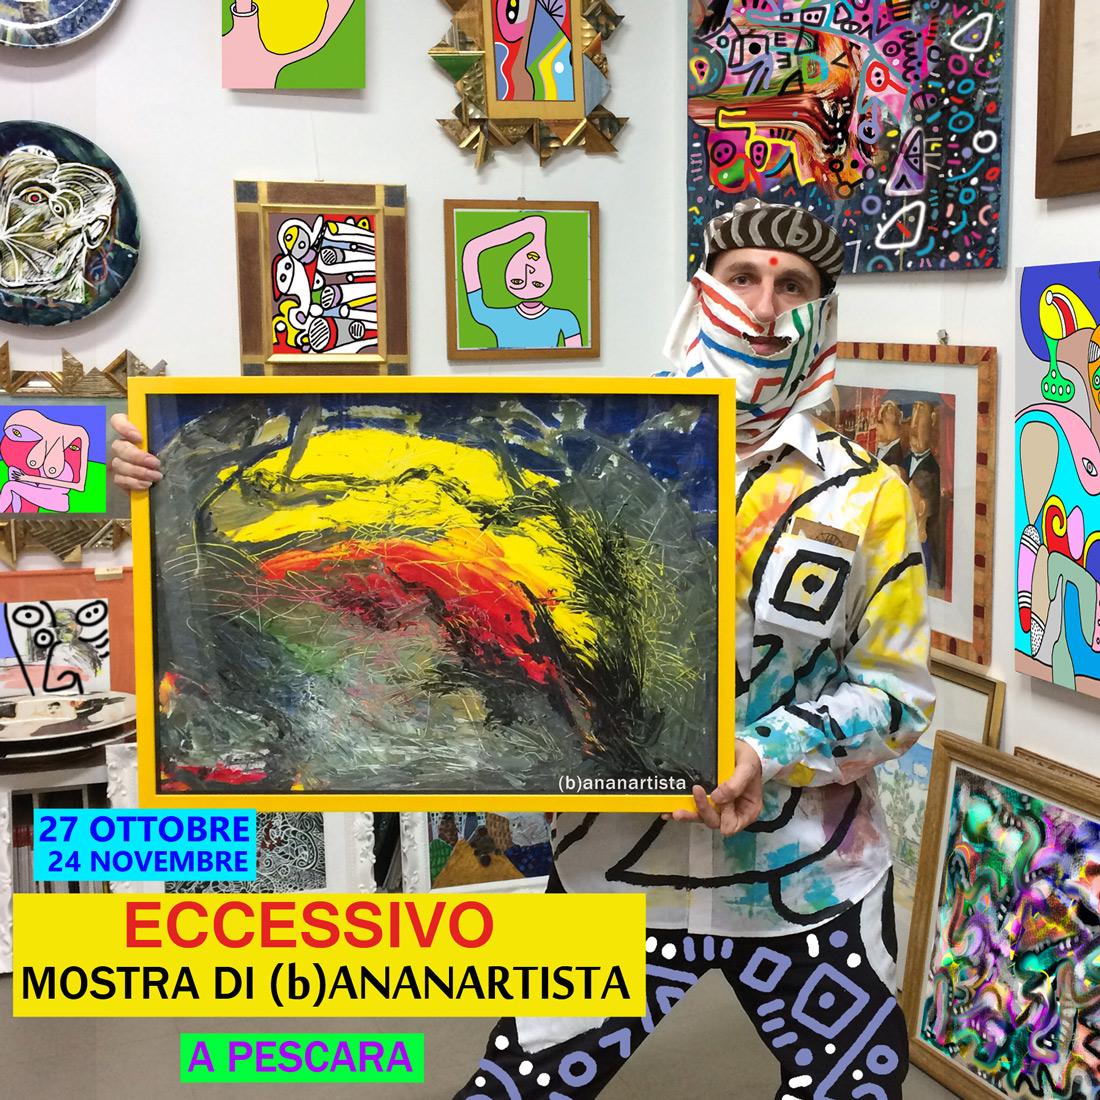 Eccessivo mostra di quadri e disegni a pescara alla galleria rosanna d'adamo il 27 ottobre 2018